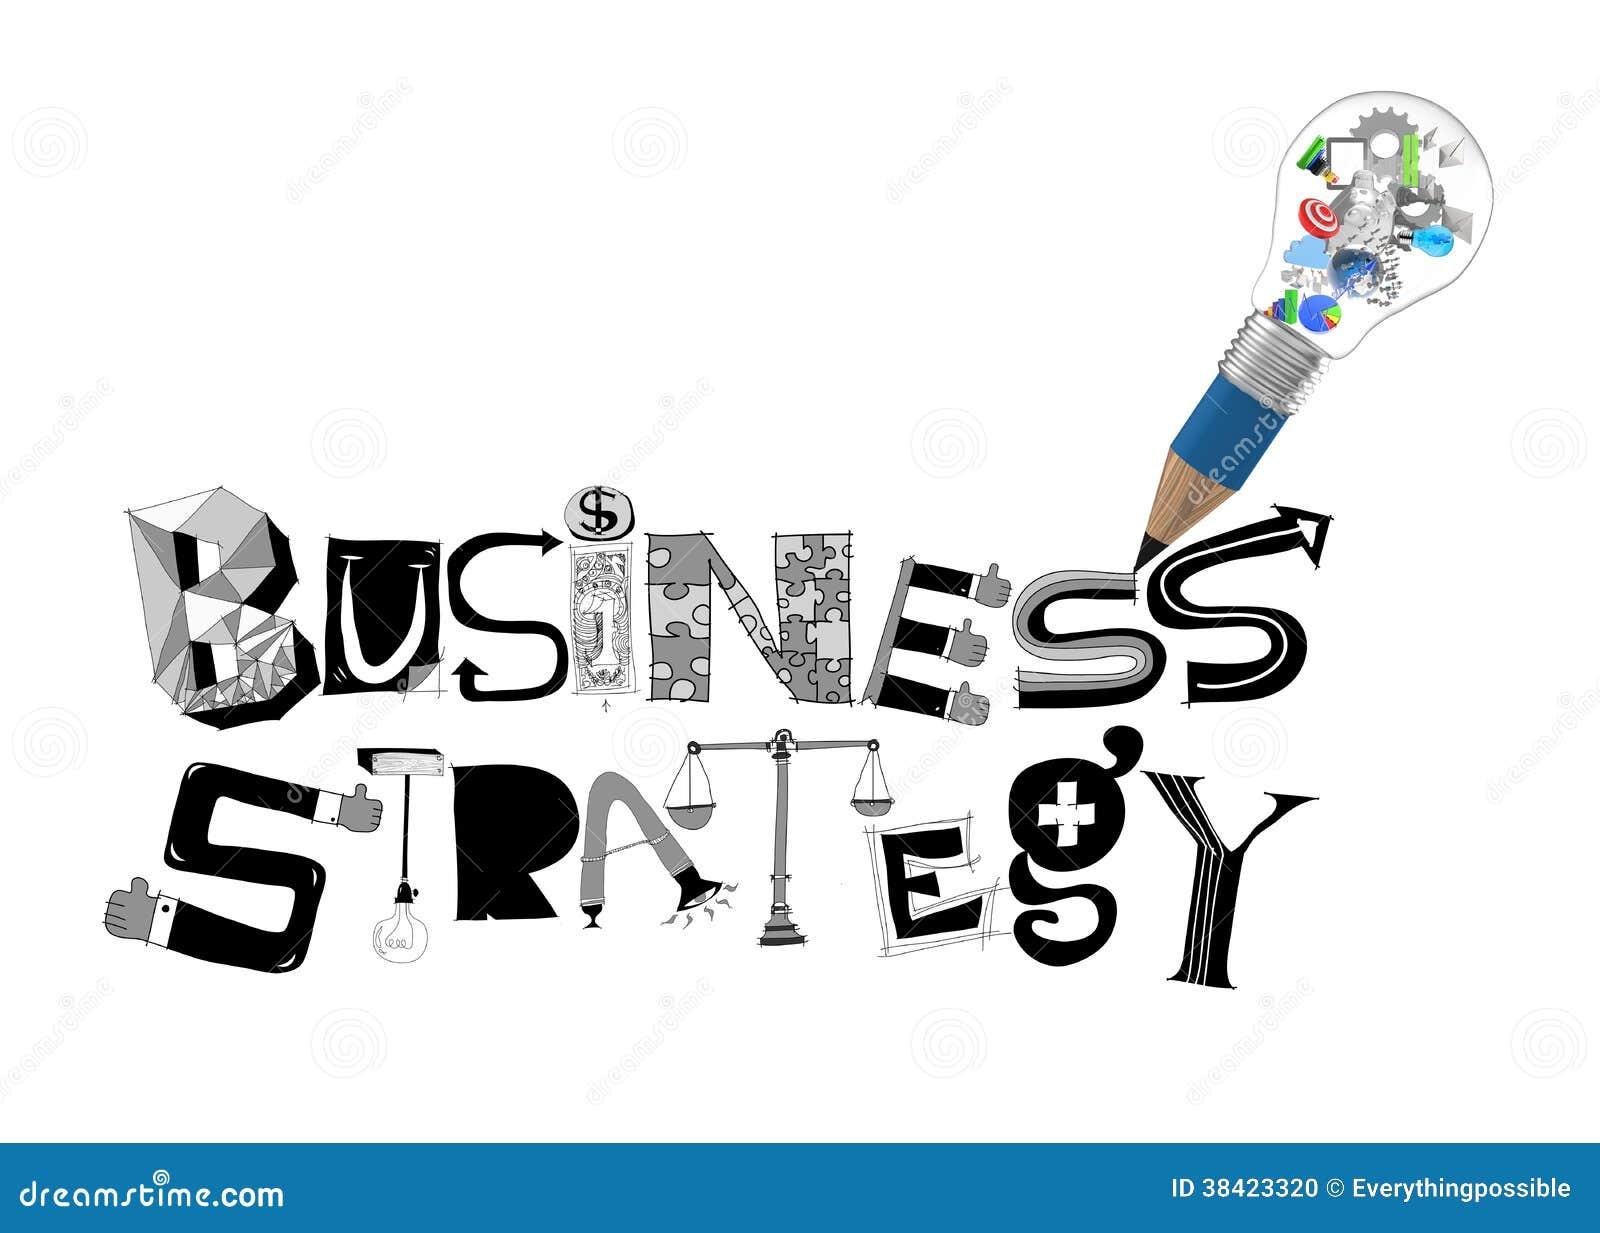 Wunderbar Bericht Vorlage Wort Zeitgenössisch - Beispiel Business ...